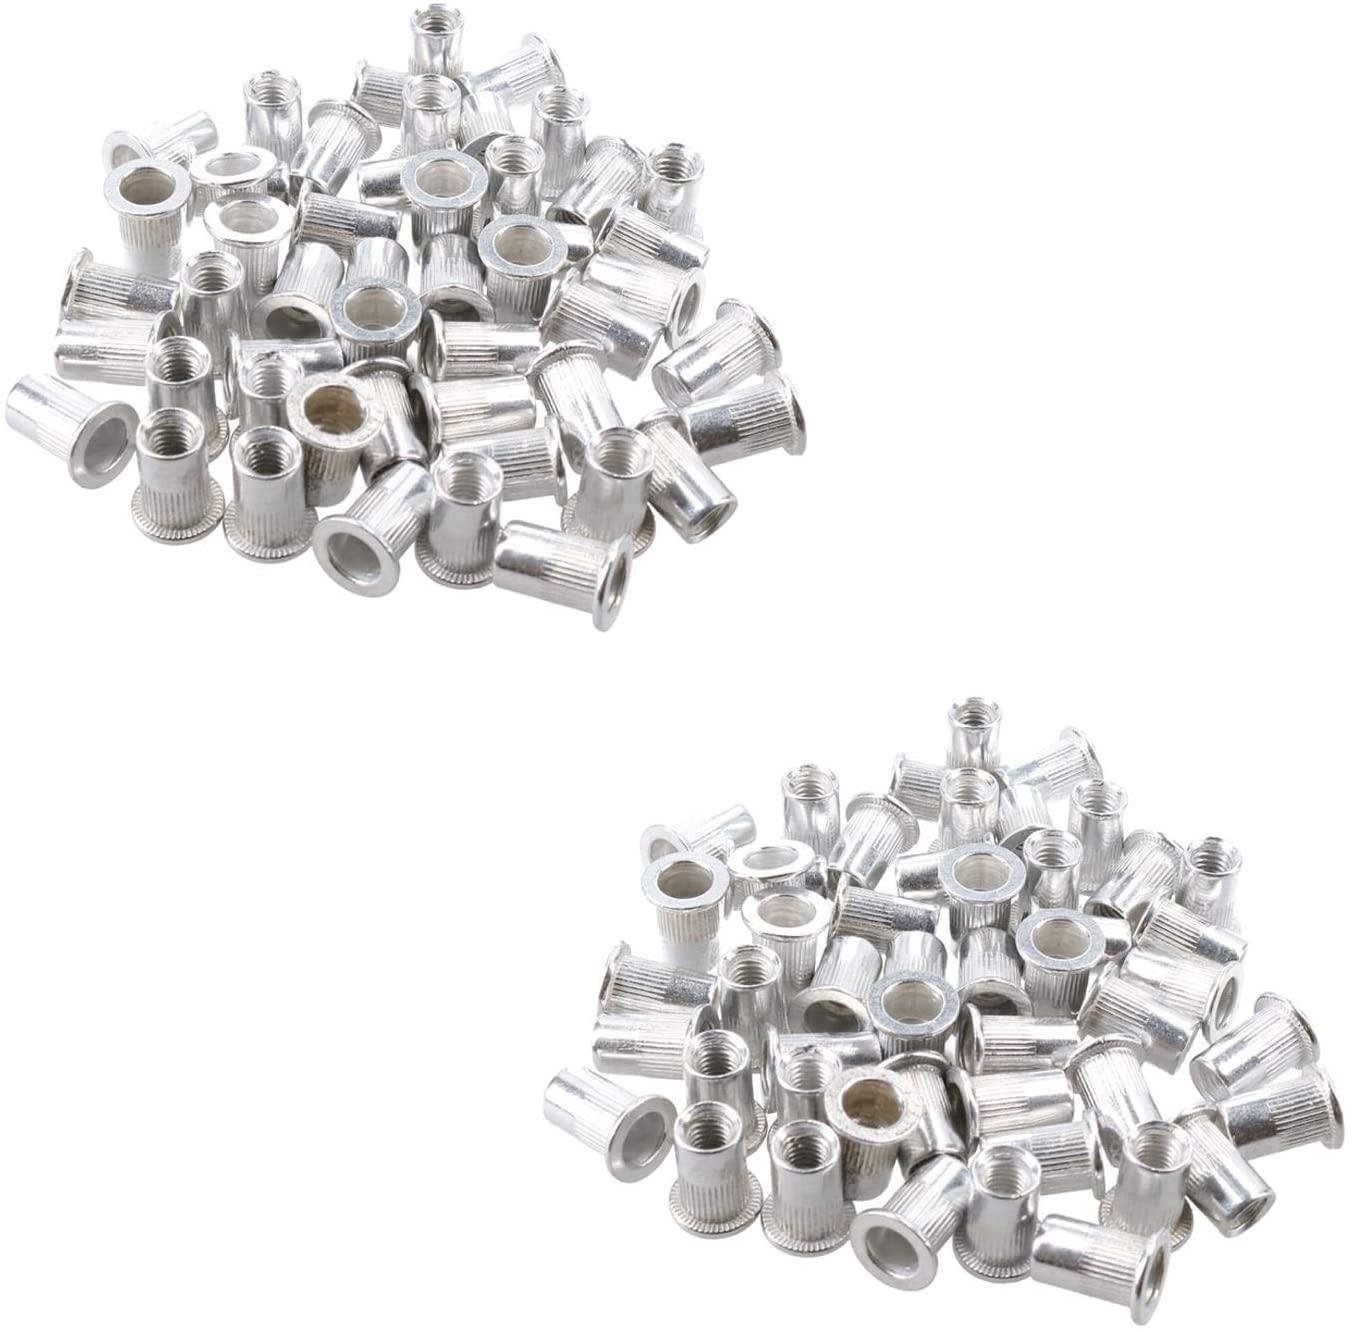 M6 6mm Alu Nut Serts Riveting Nuts Rivet Threaded Inserts Blindnut Rivnut 100pc